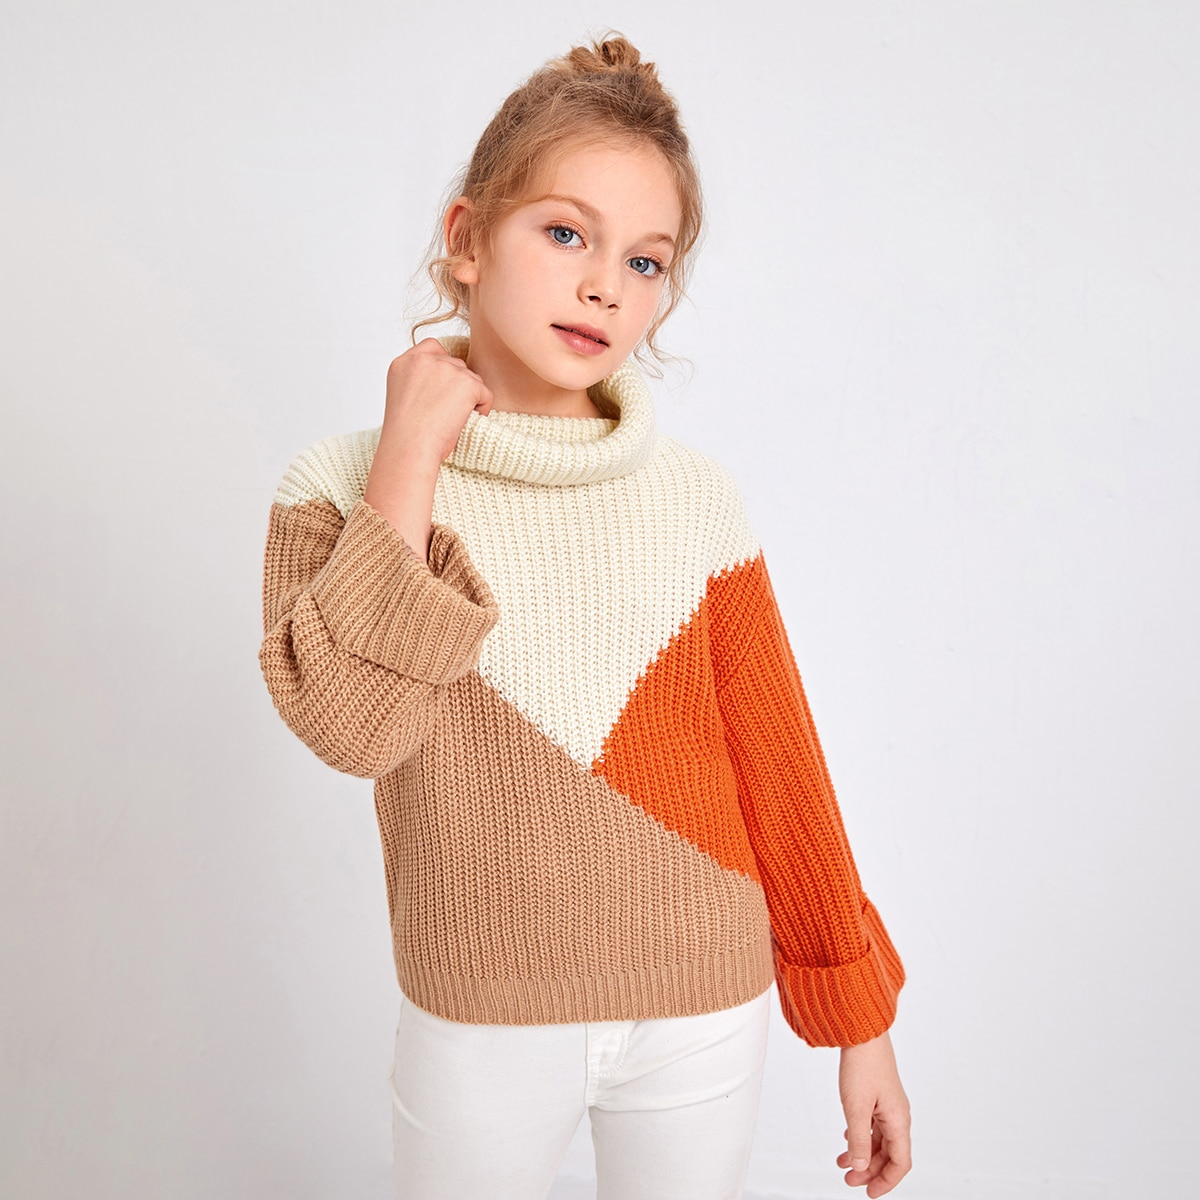 Трикотажный контрастный цвет повседневный свитера для девочек